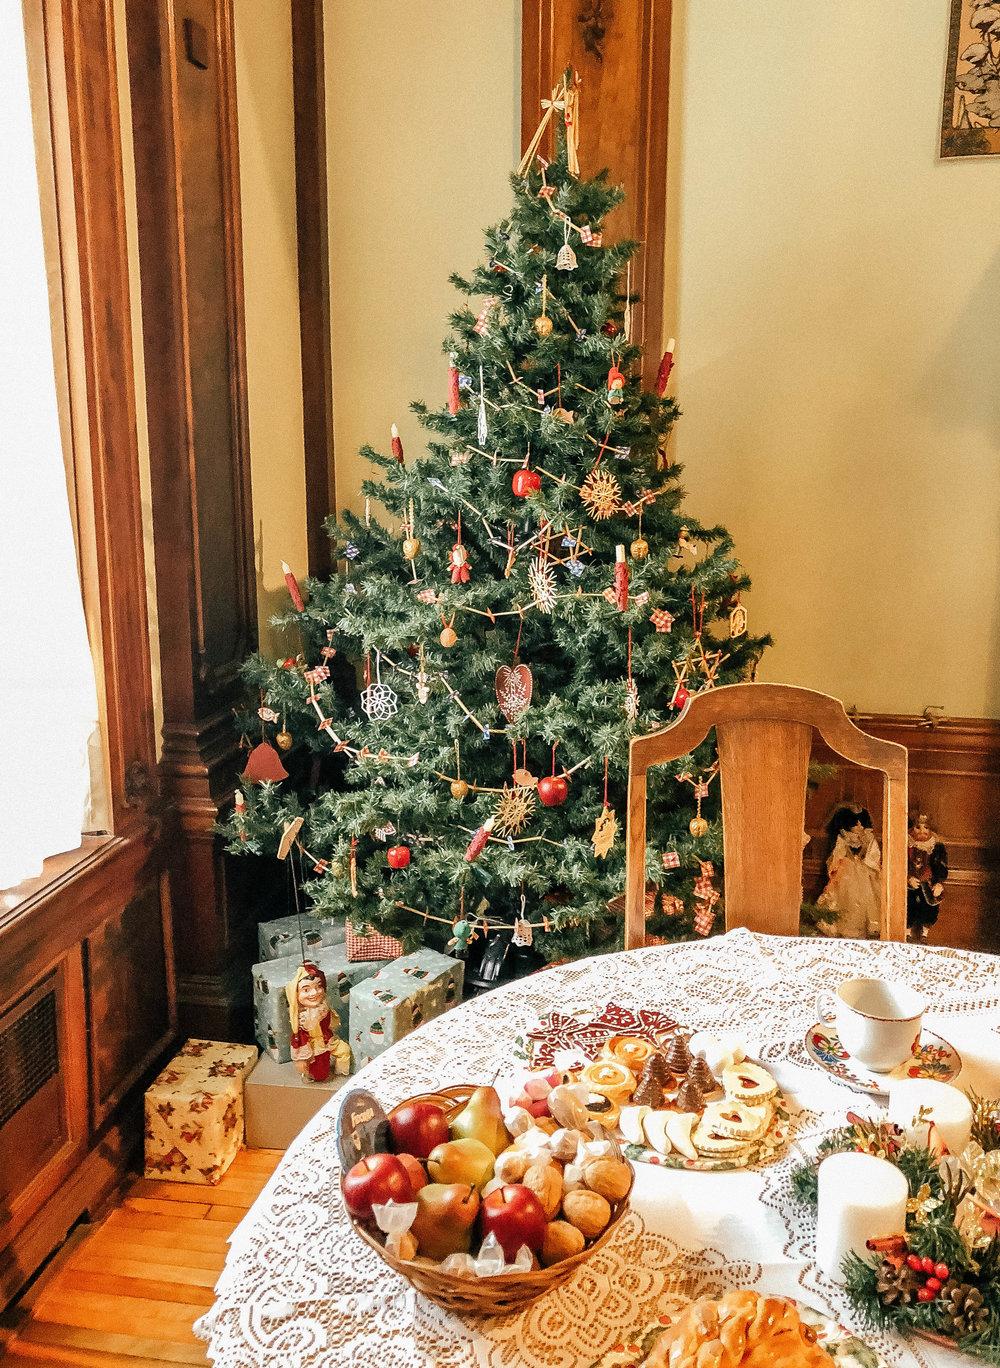 asi_christmas_Tree.jpg